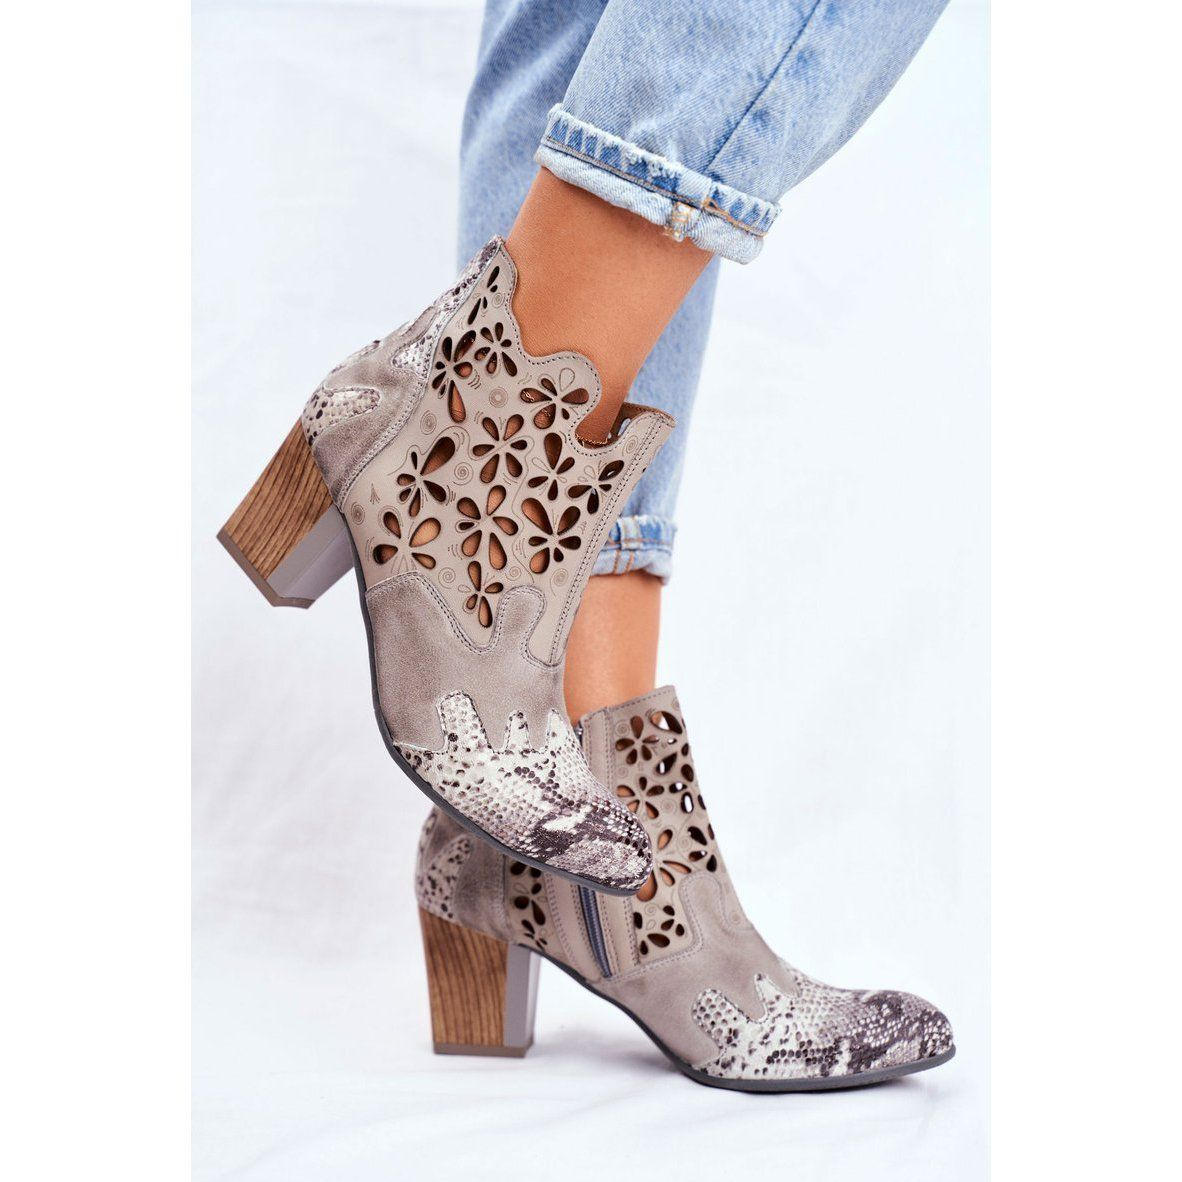 Botki Damskie Na Slupku Maciejka Wiosenne Popielate 04369 13 Bezowy Szare Fashion Ankle Boot Shoes